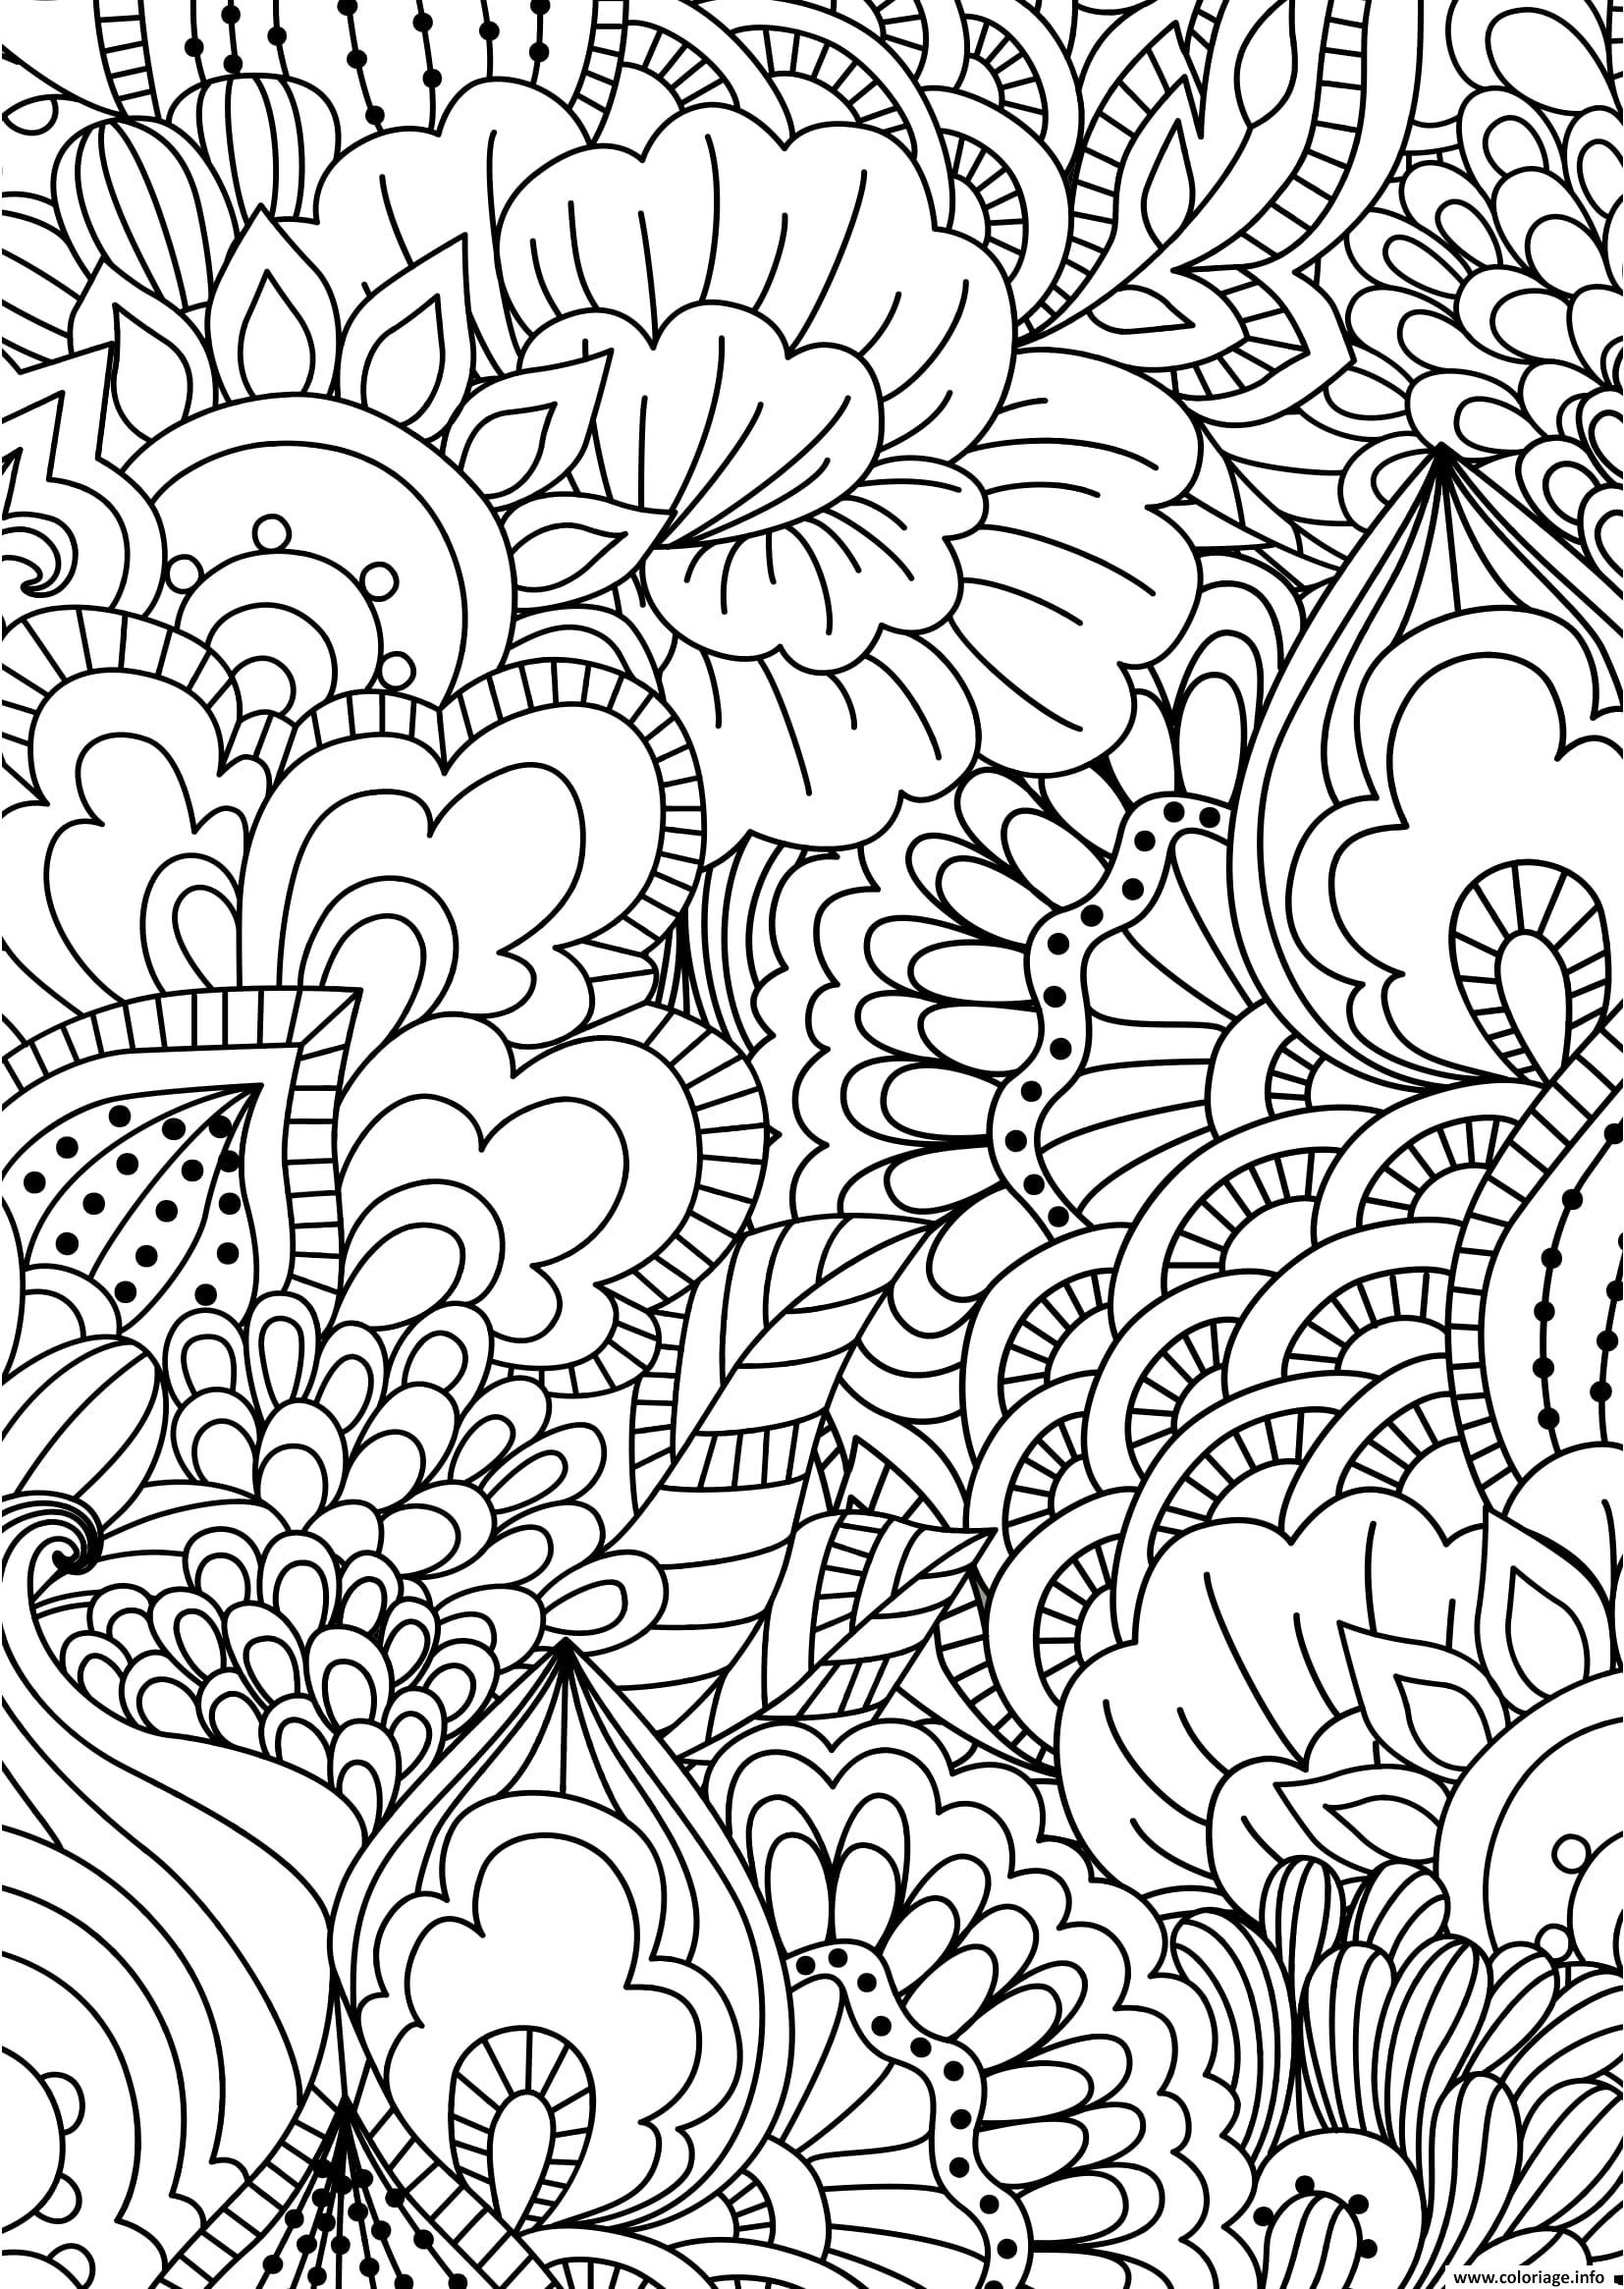 Coloriage Fleur Zen.Coloriage Fleurs Adulte Pattern Zentangle Jecolorie Com